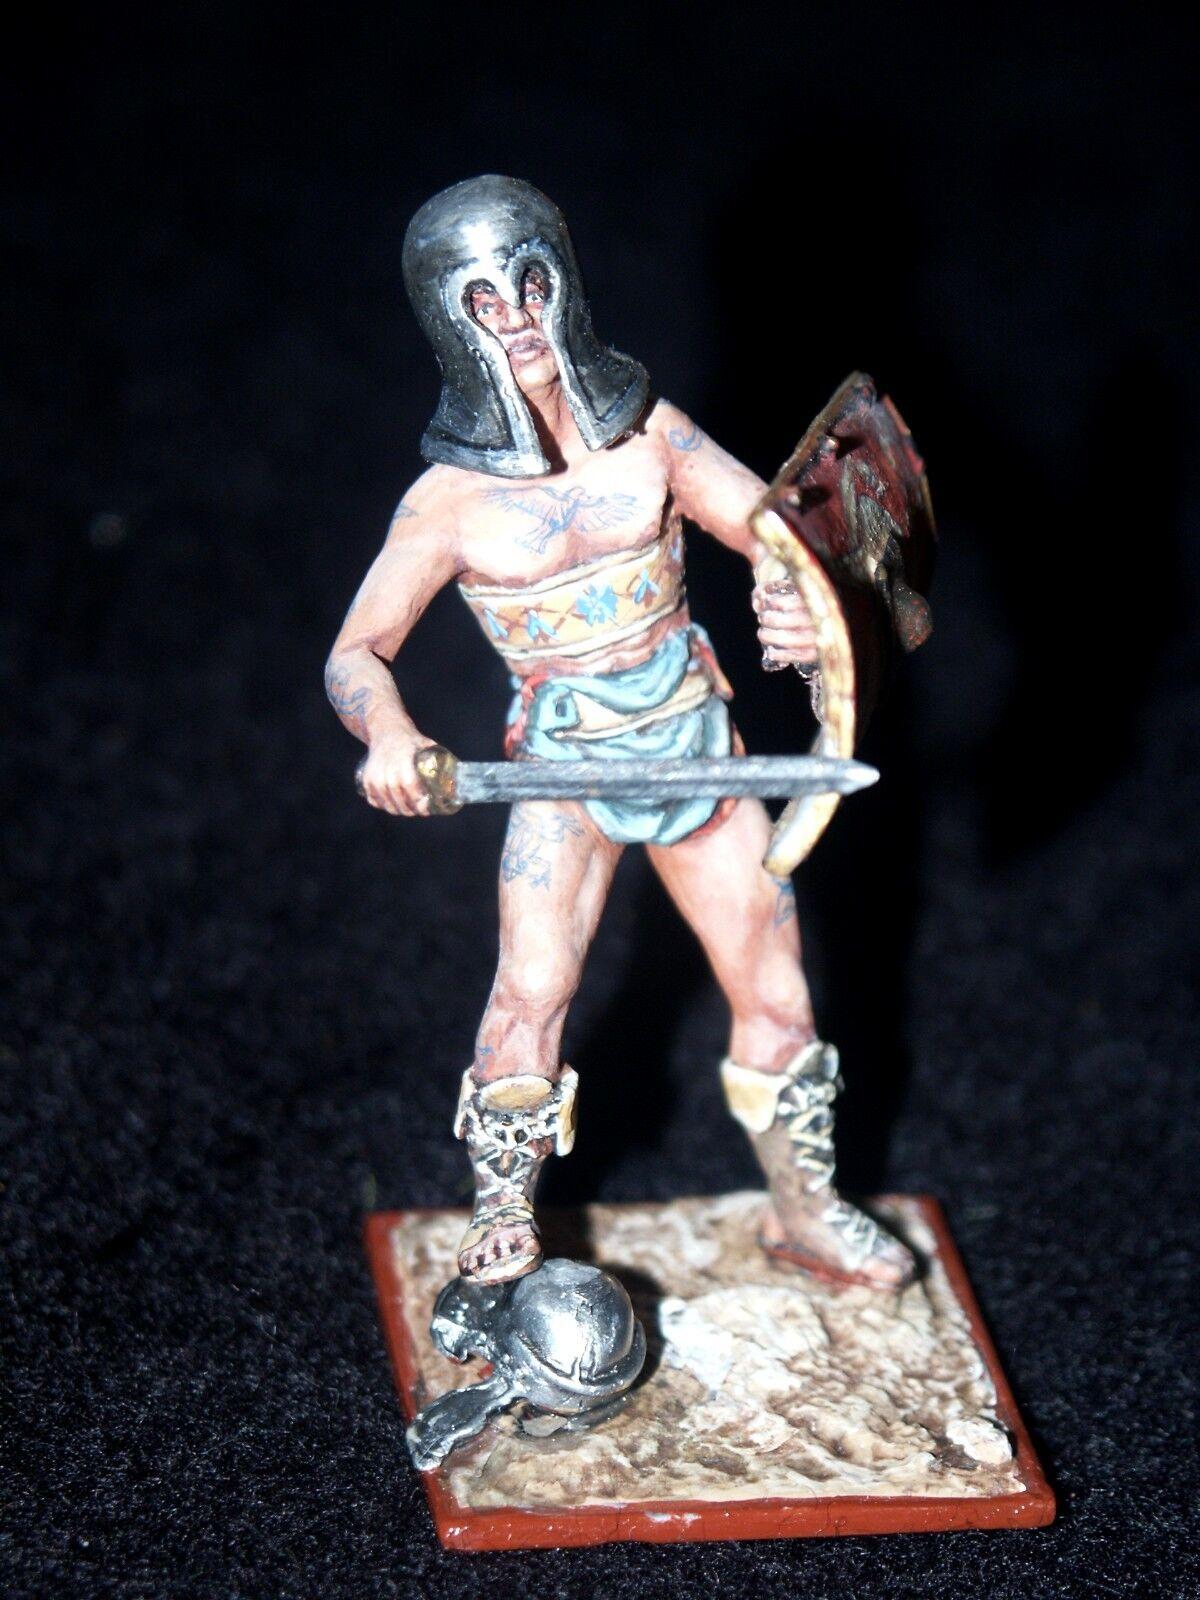 St Petersburg. Amber. Roman Warrior w Sword & Shield Standing on Helmet, 54mm